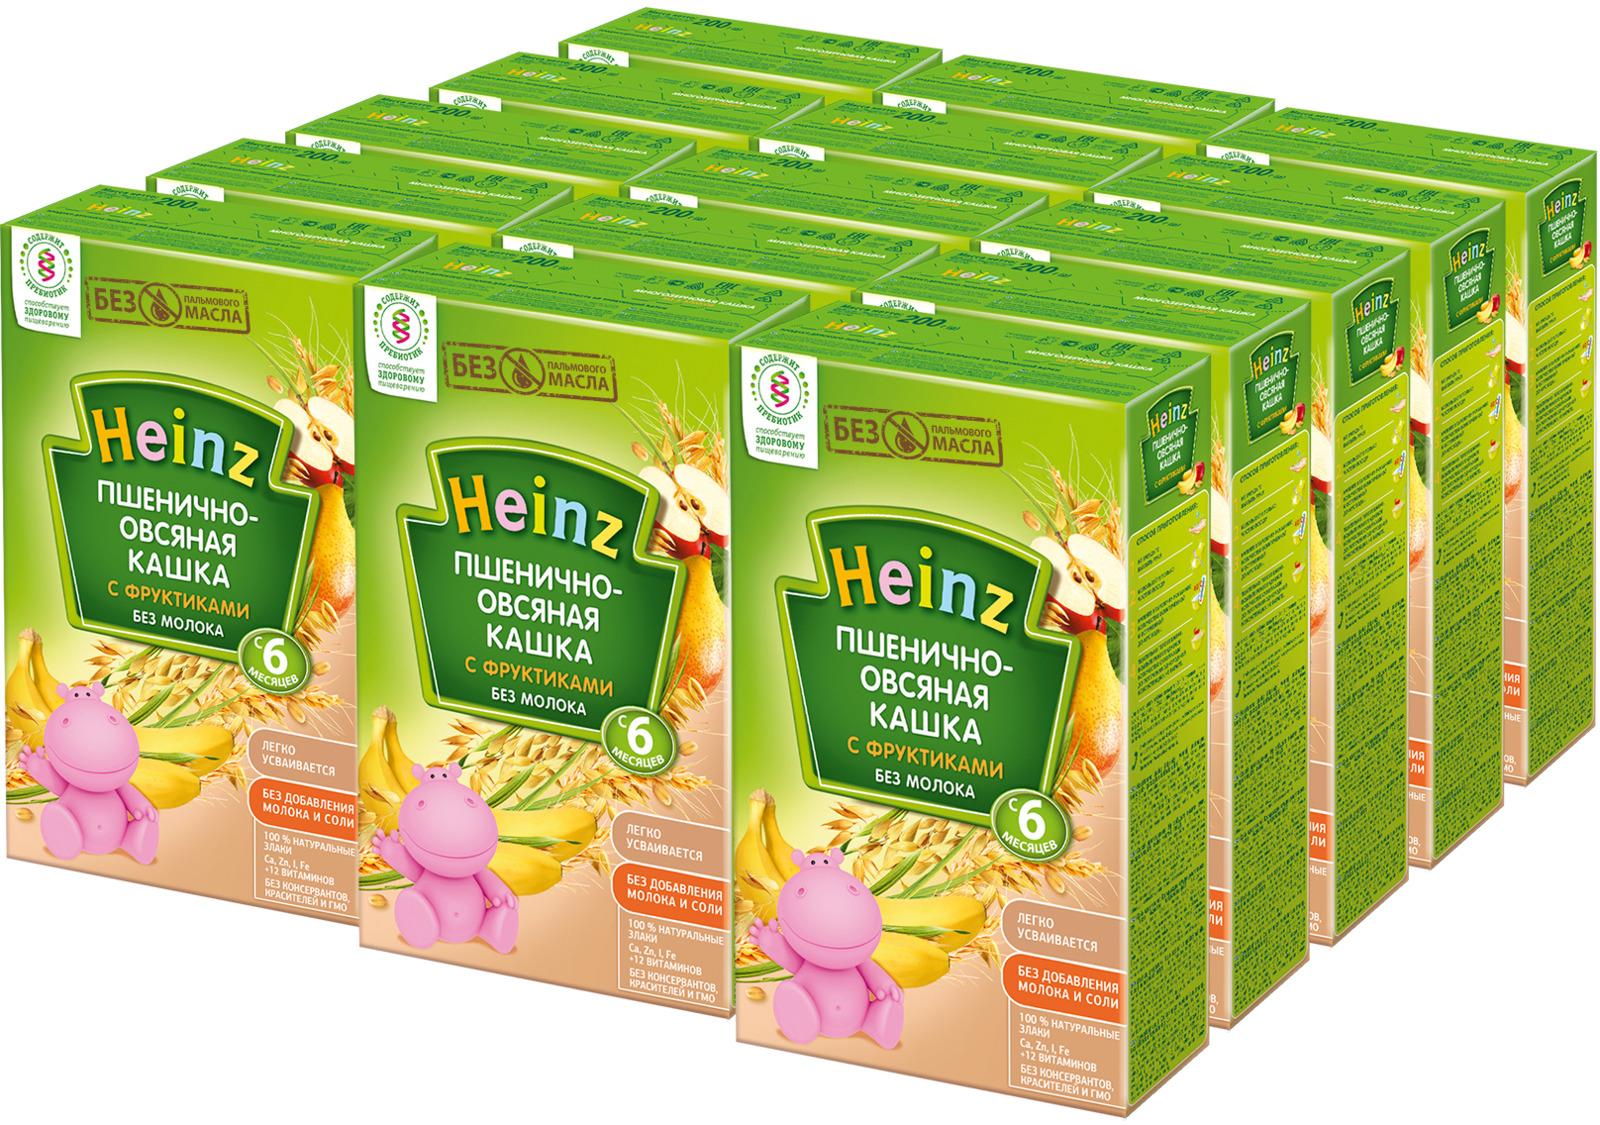 Каша Heinz пшенично-овсяная с фруктиками, 6 месяцев, 15 шт по 200 г